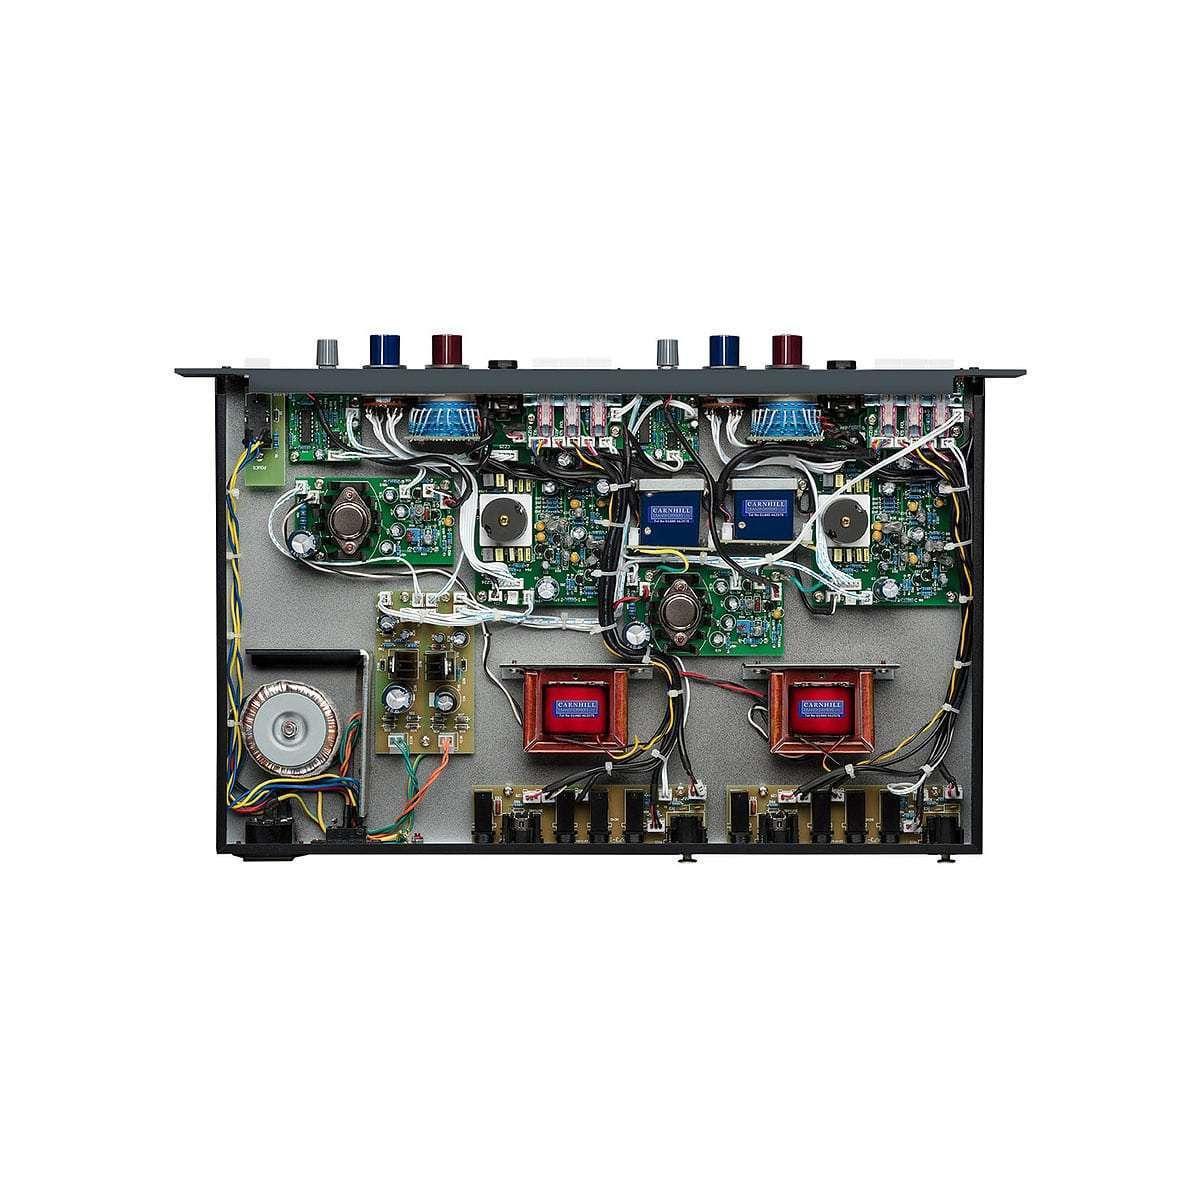 Warm Audio WA273 03 Strumentazioni Pro Audio per studi di registrazione, Outboard professionale analogico, Preamplificatori microfonici in formato Rack e Serie 500